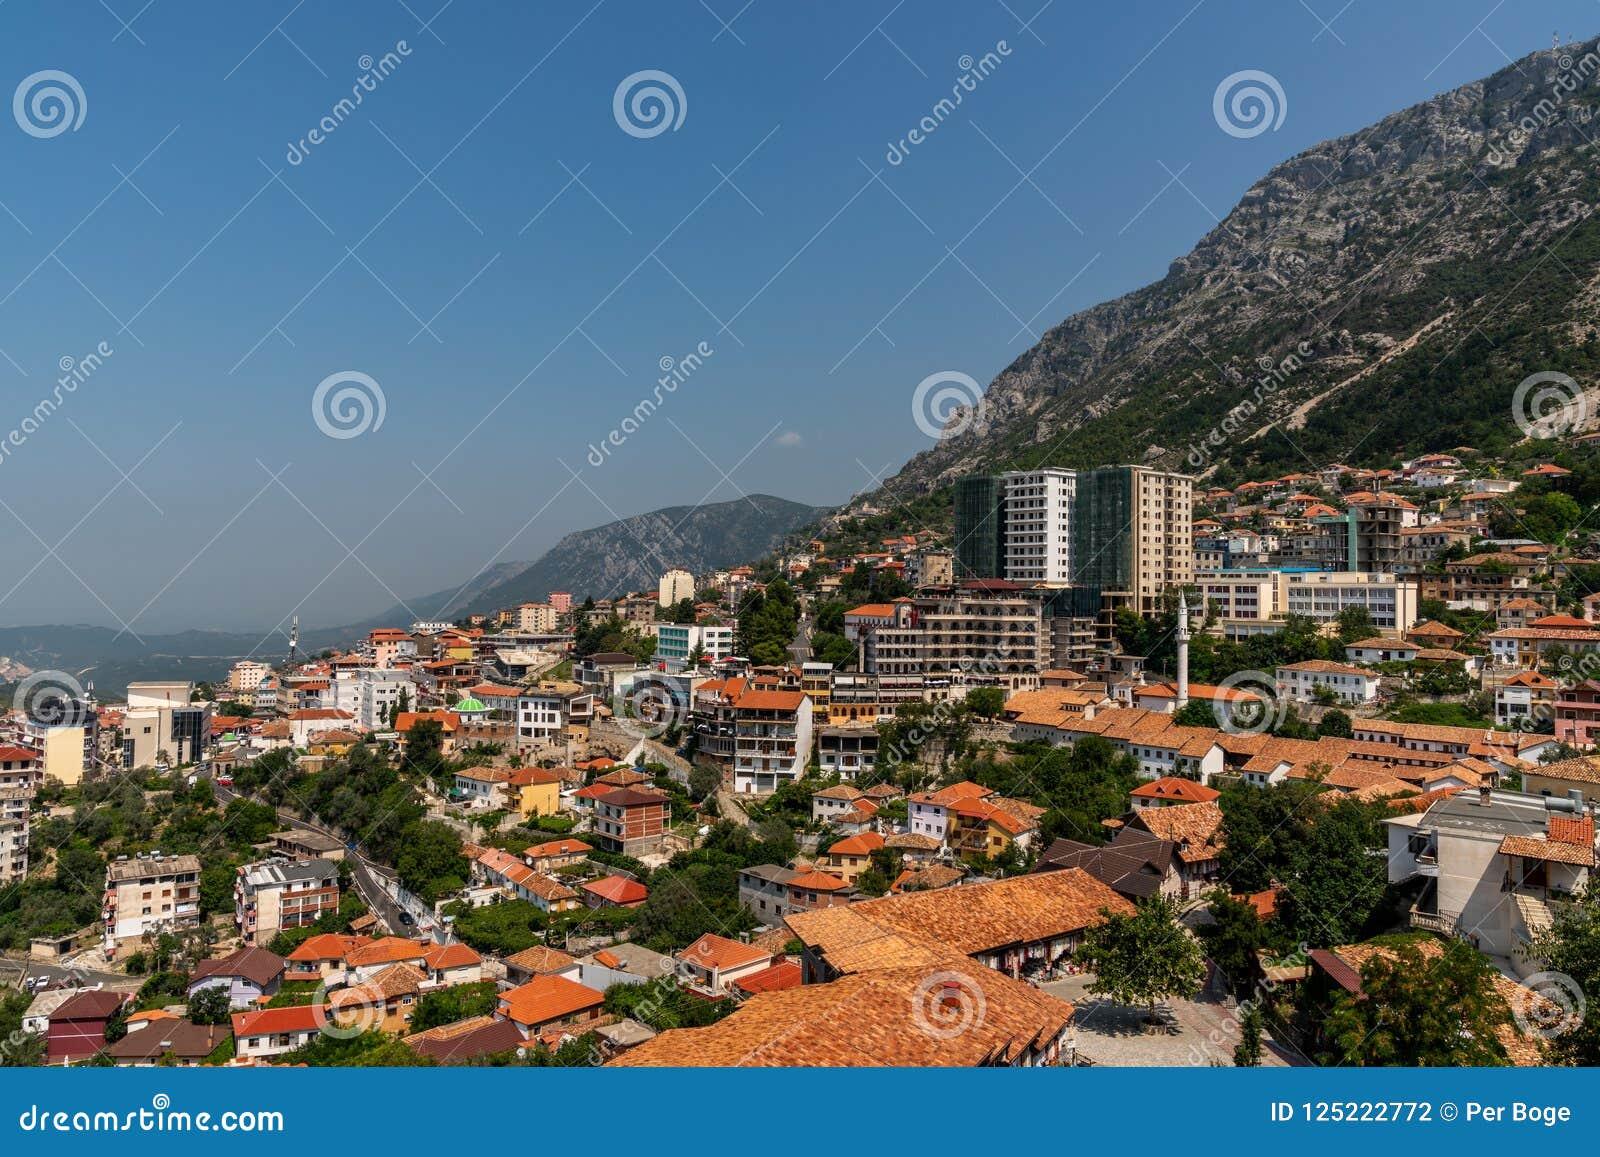 Toneellandschapsmening van de stad Kruja op een berghelling met blauwe hemel in Albanië